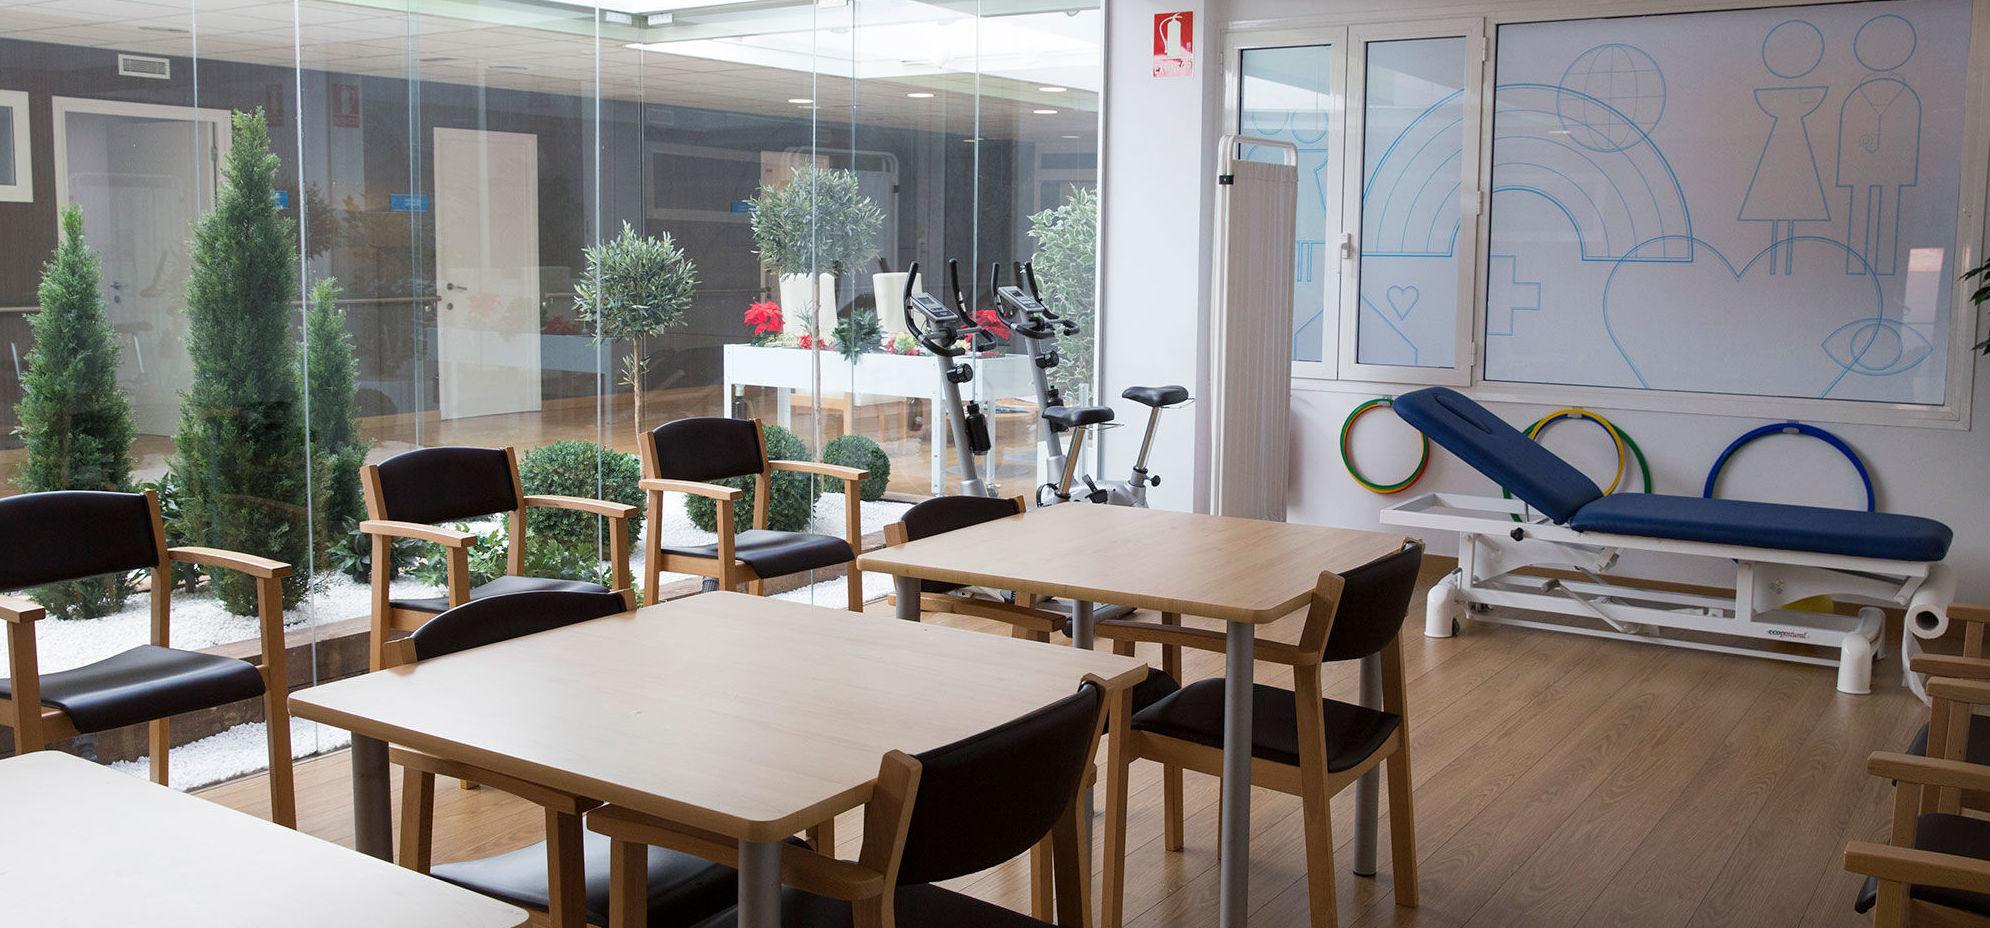 Talleres de apoyo familiar: Actividades de Centro de Día Sarrià Barcelona